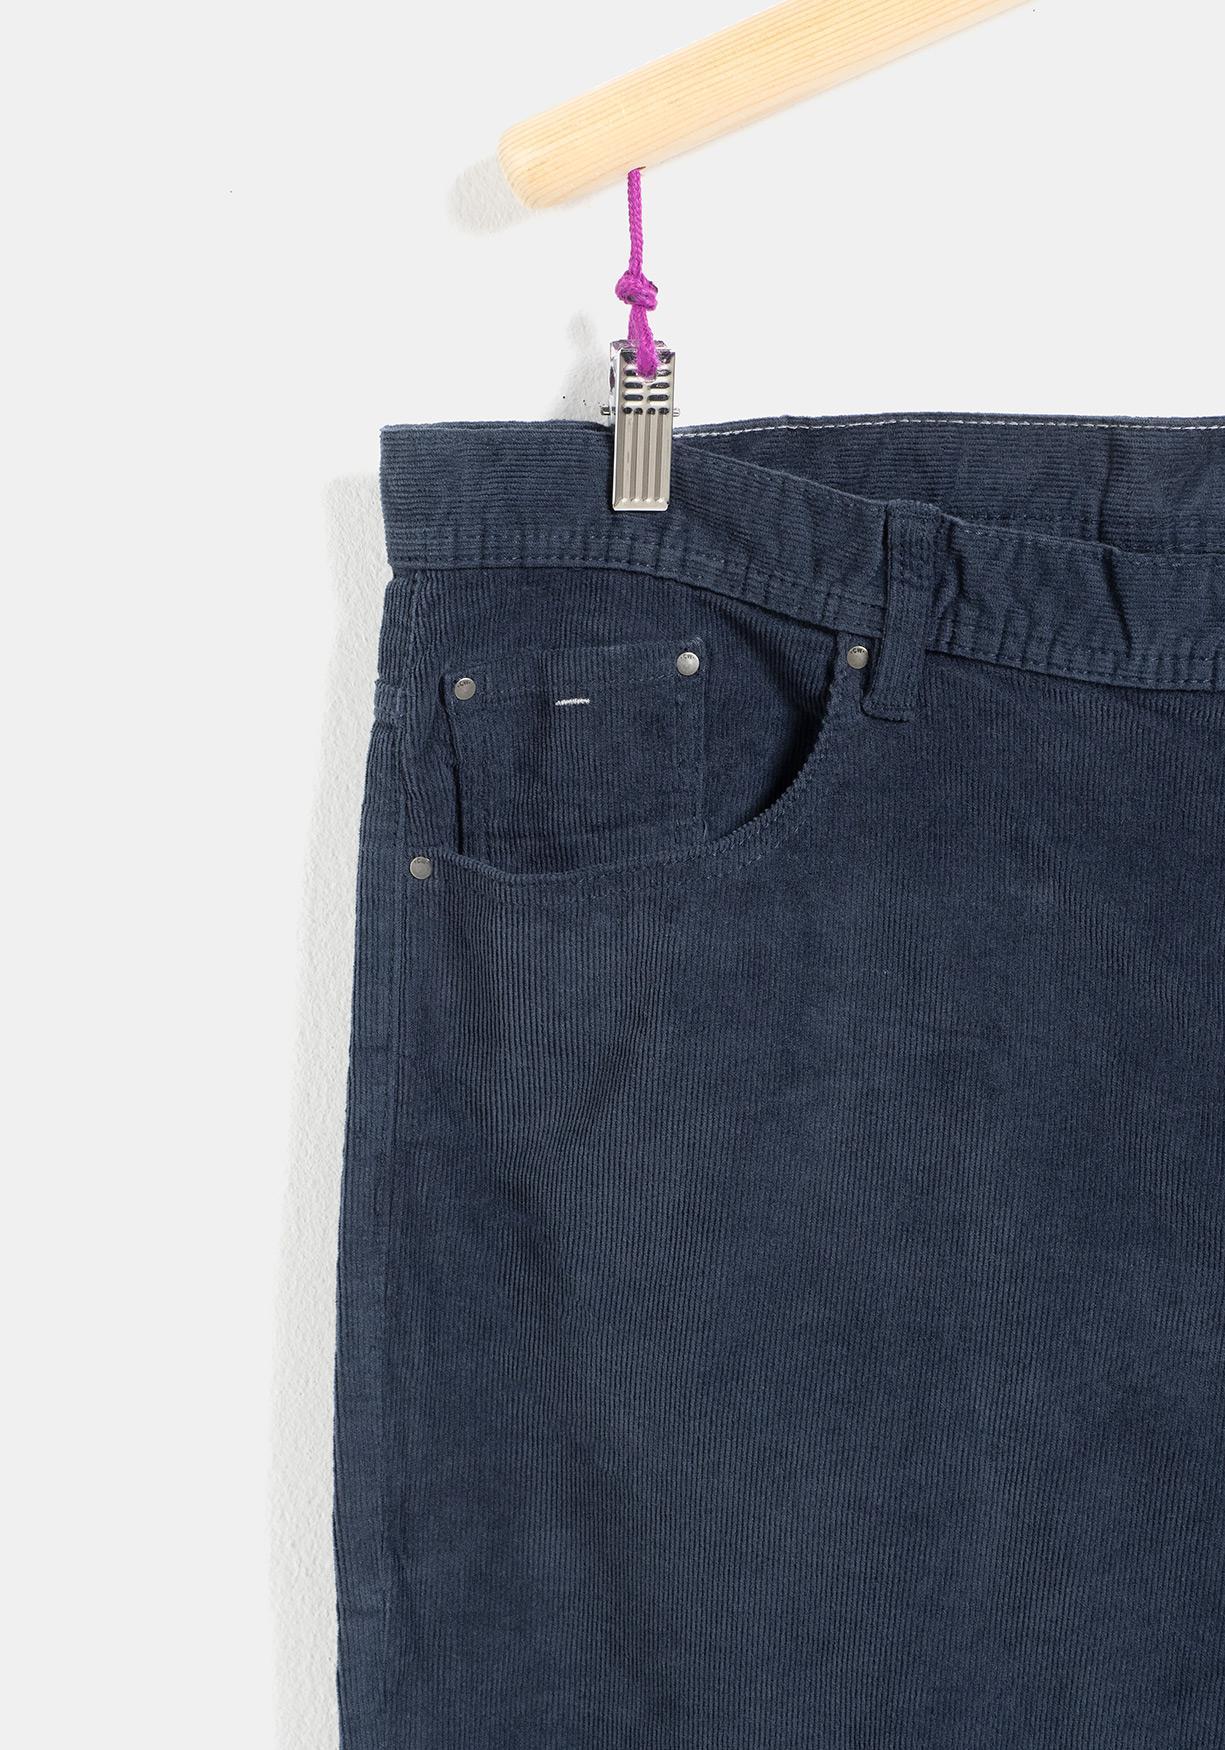 166993c8e0 Comprar Pantalón de pana para tallas grandes TEX. ¡Aprovéchate de ...